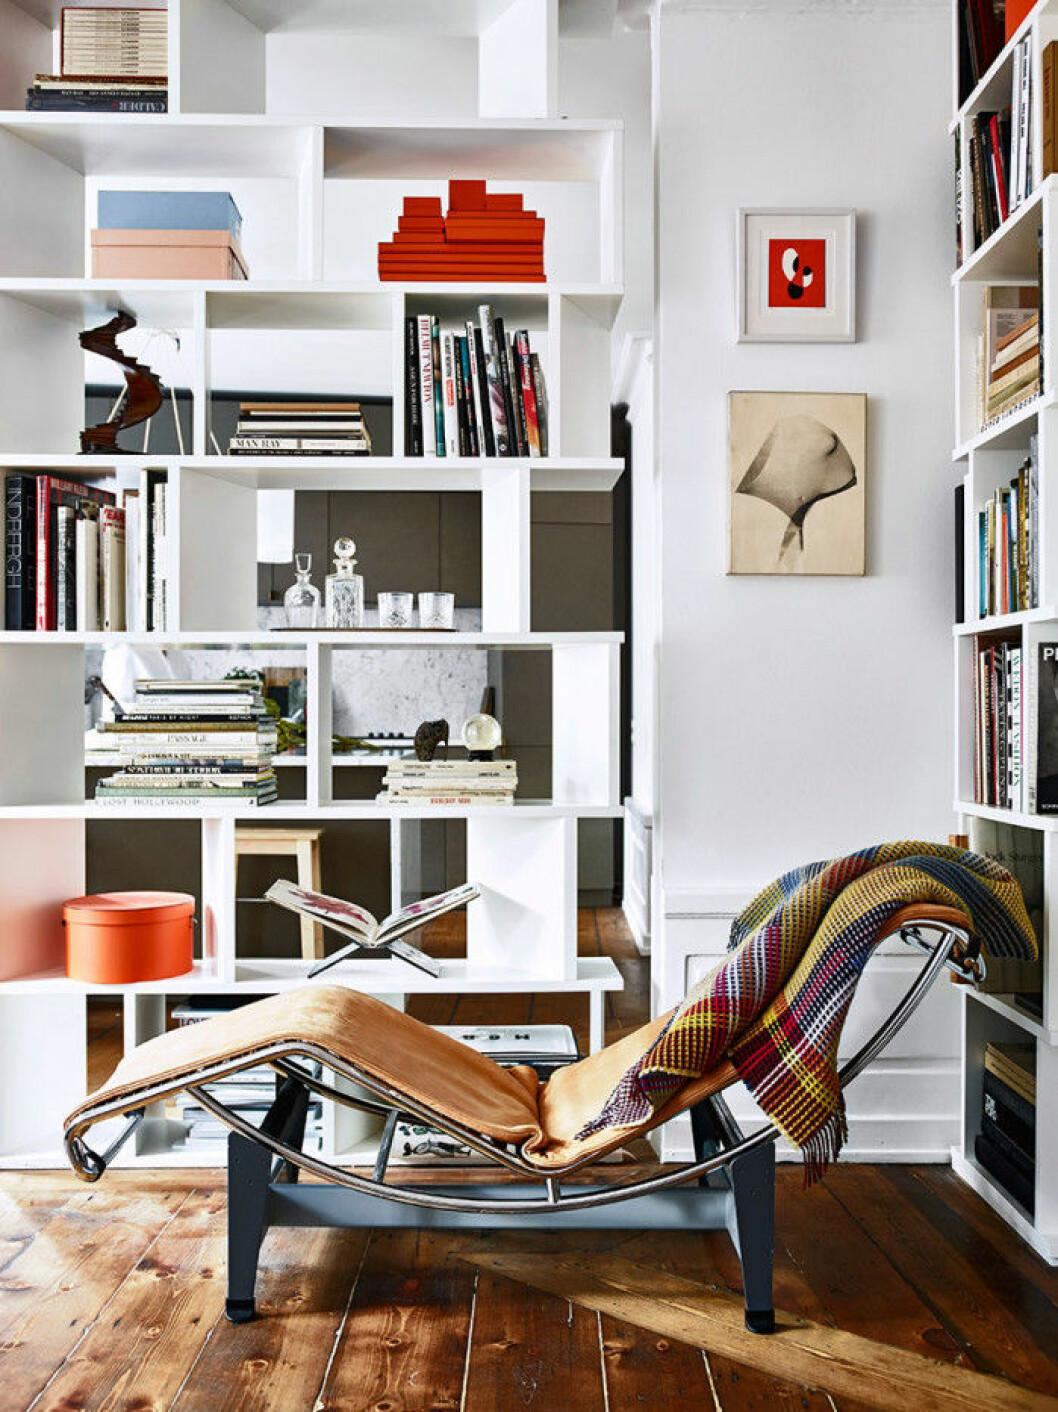 livingroom_vardagsrum_fatolj_chair_bokhyllor_shelves_foto_Andrea_Papini